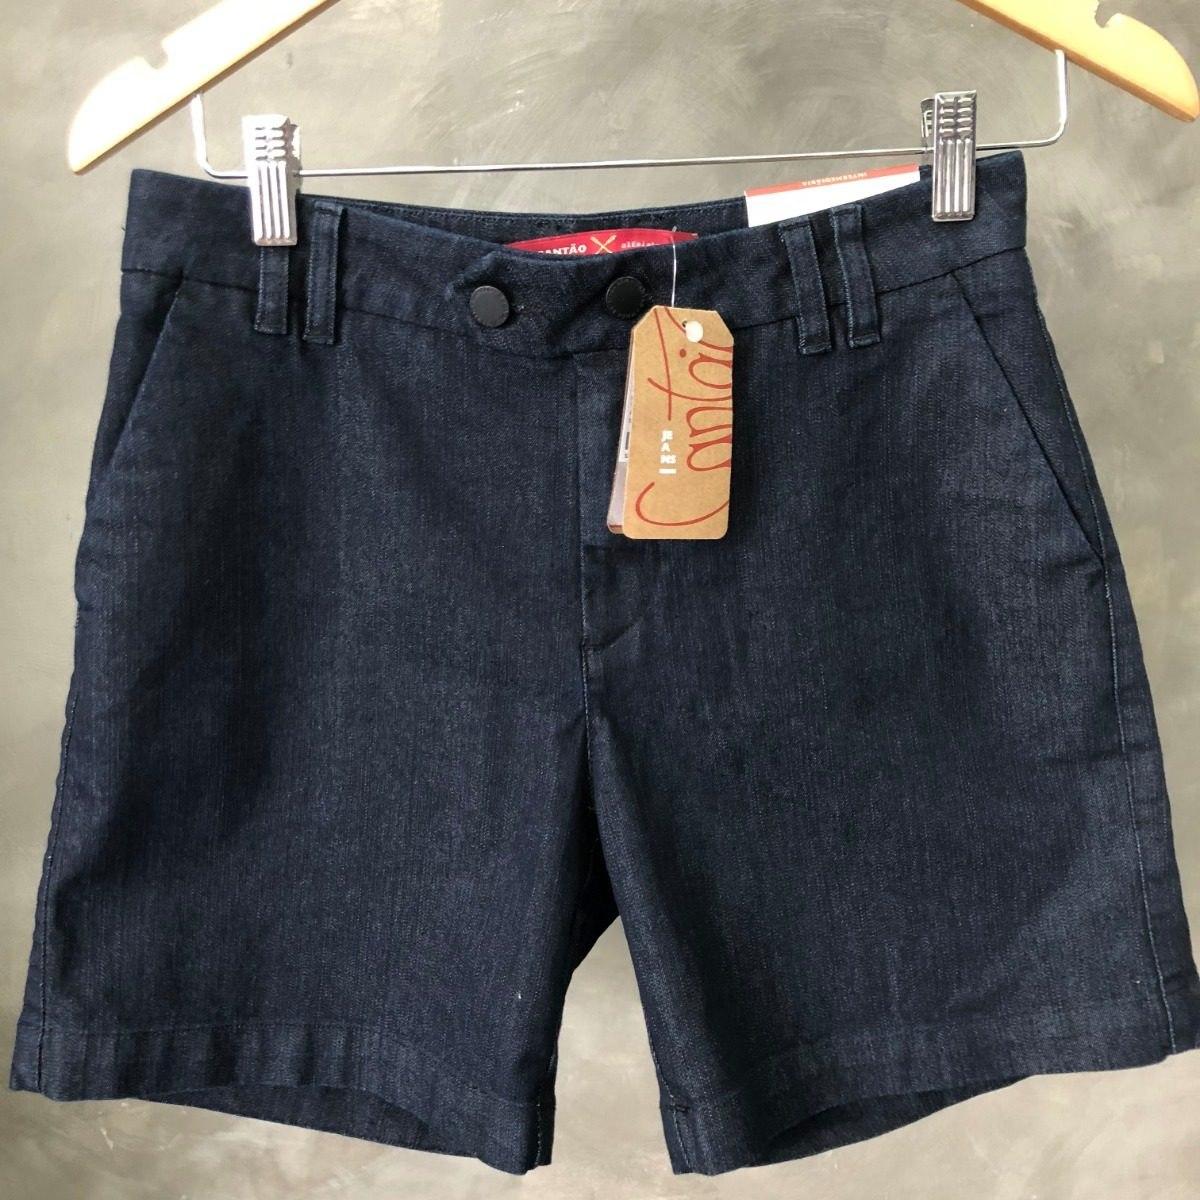 2261fb60f Shorts Feminino Cantão Jeans Oferta 014 - R$ 173,00 em Mercado Livre